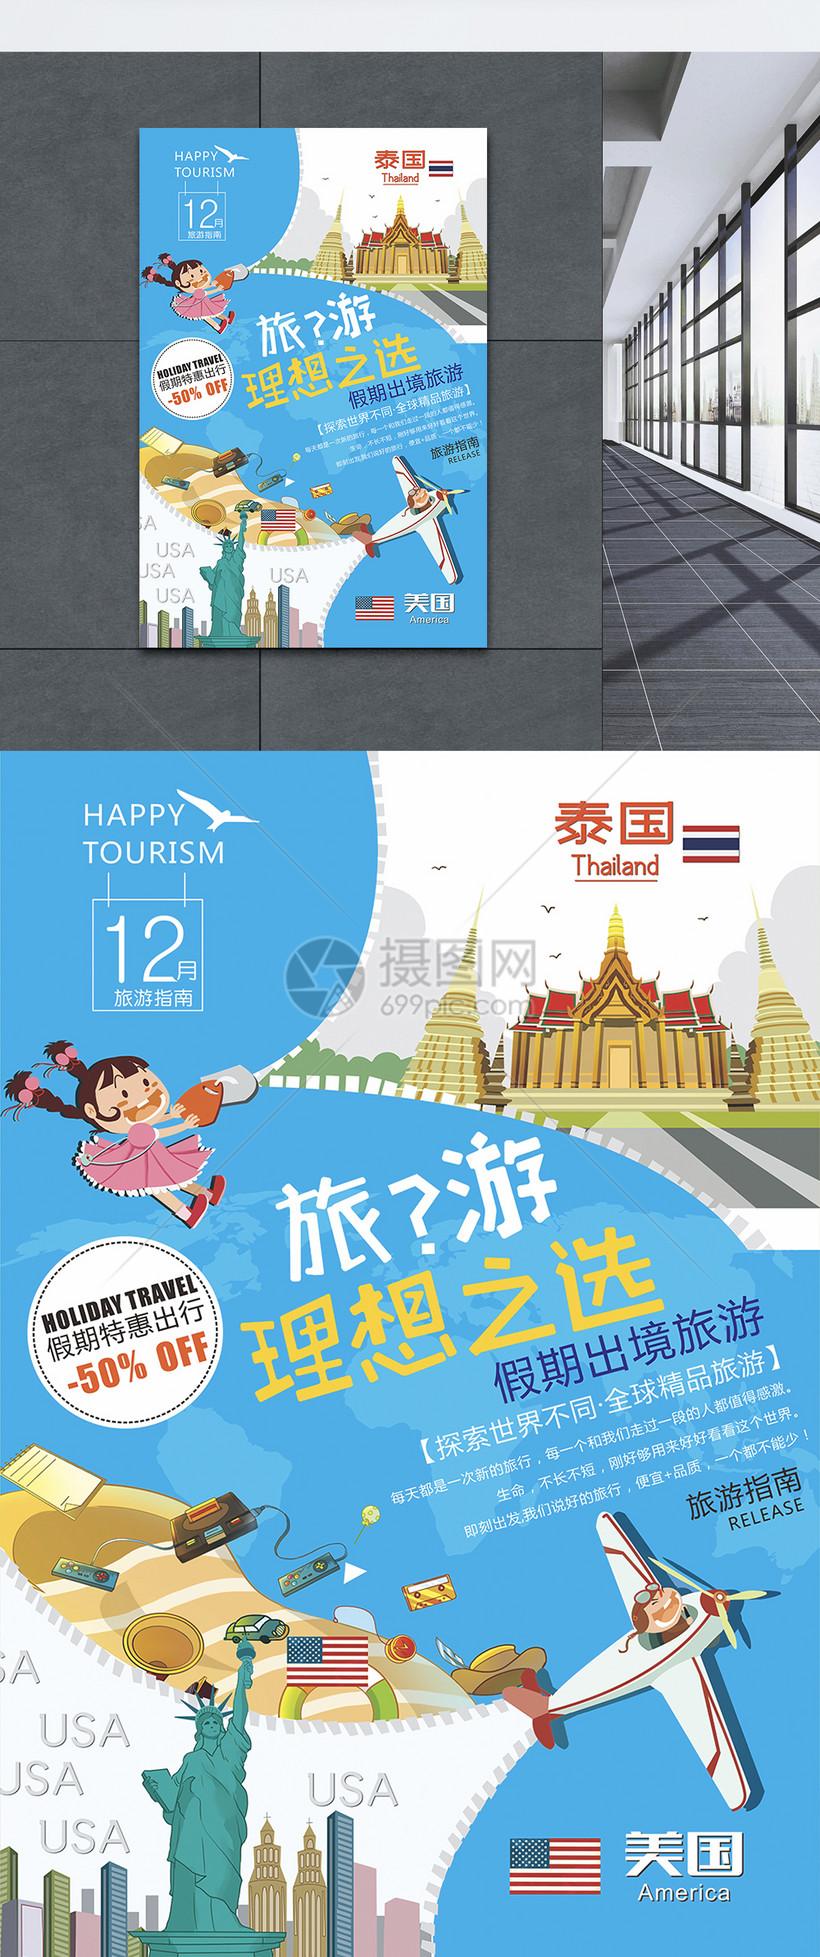 国外旅游创意海报_蓝色境外旅游海报模板素材-正版图片400874141-摄图网